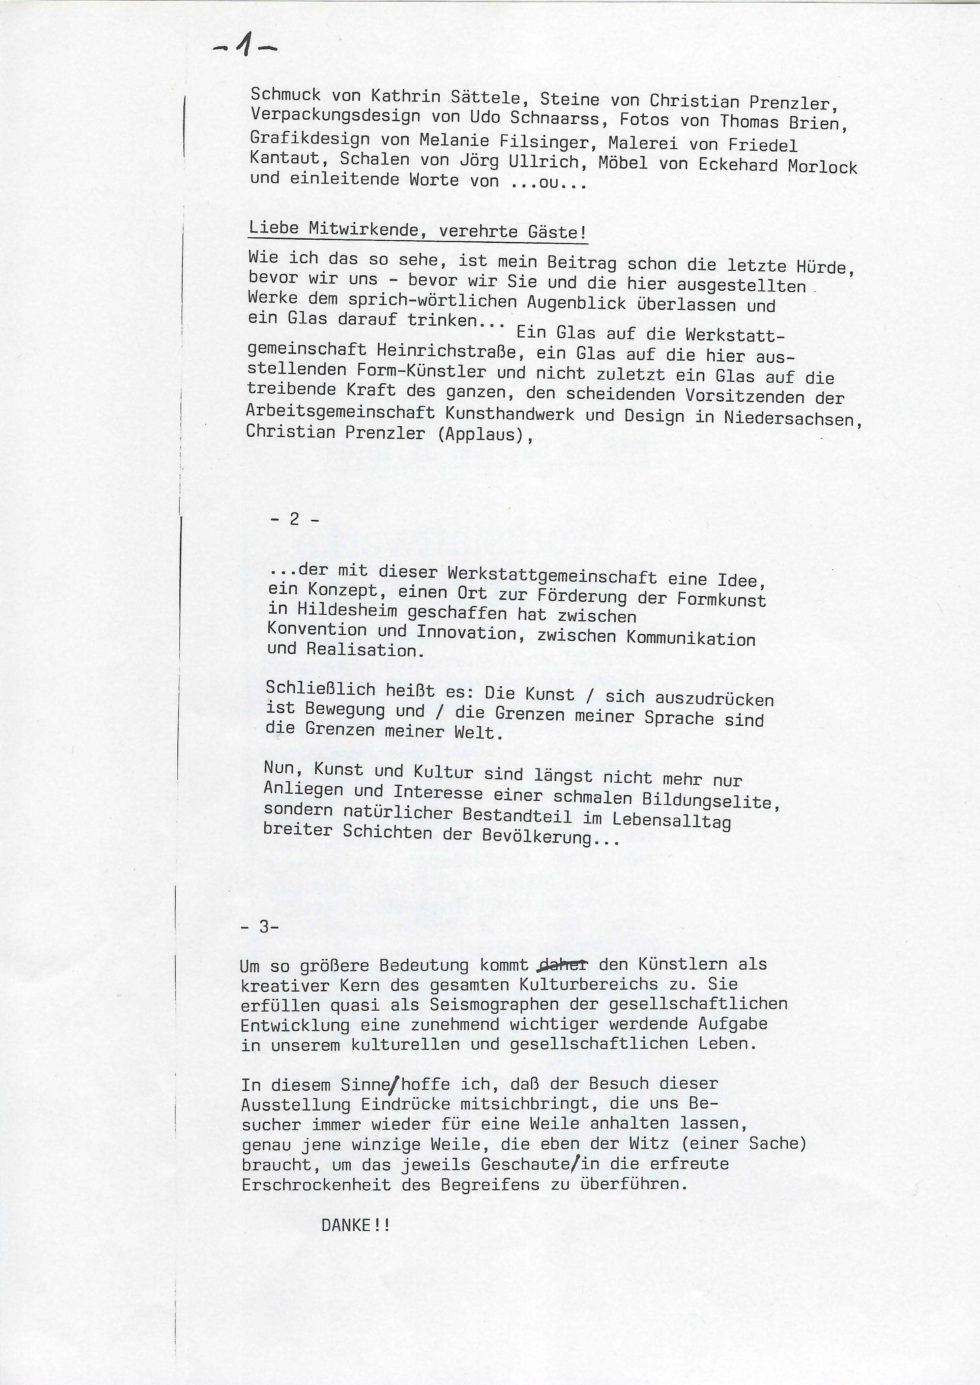 1998 LyrikGarten, LiteraTalk, Politisches_Seite_46